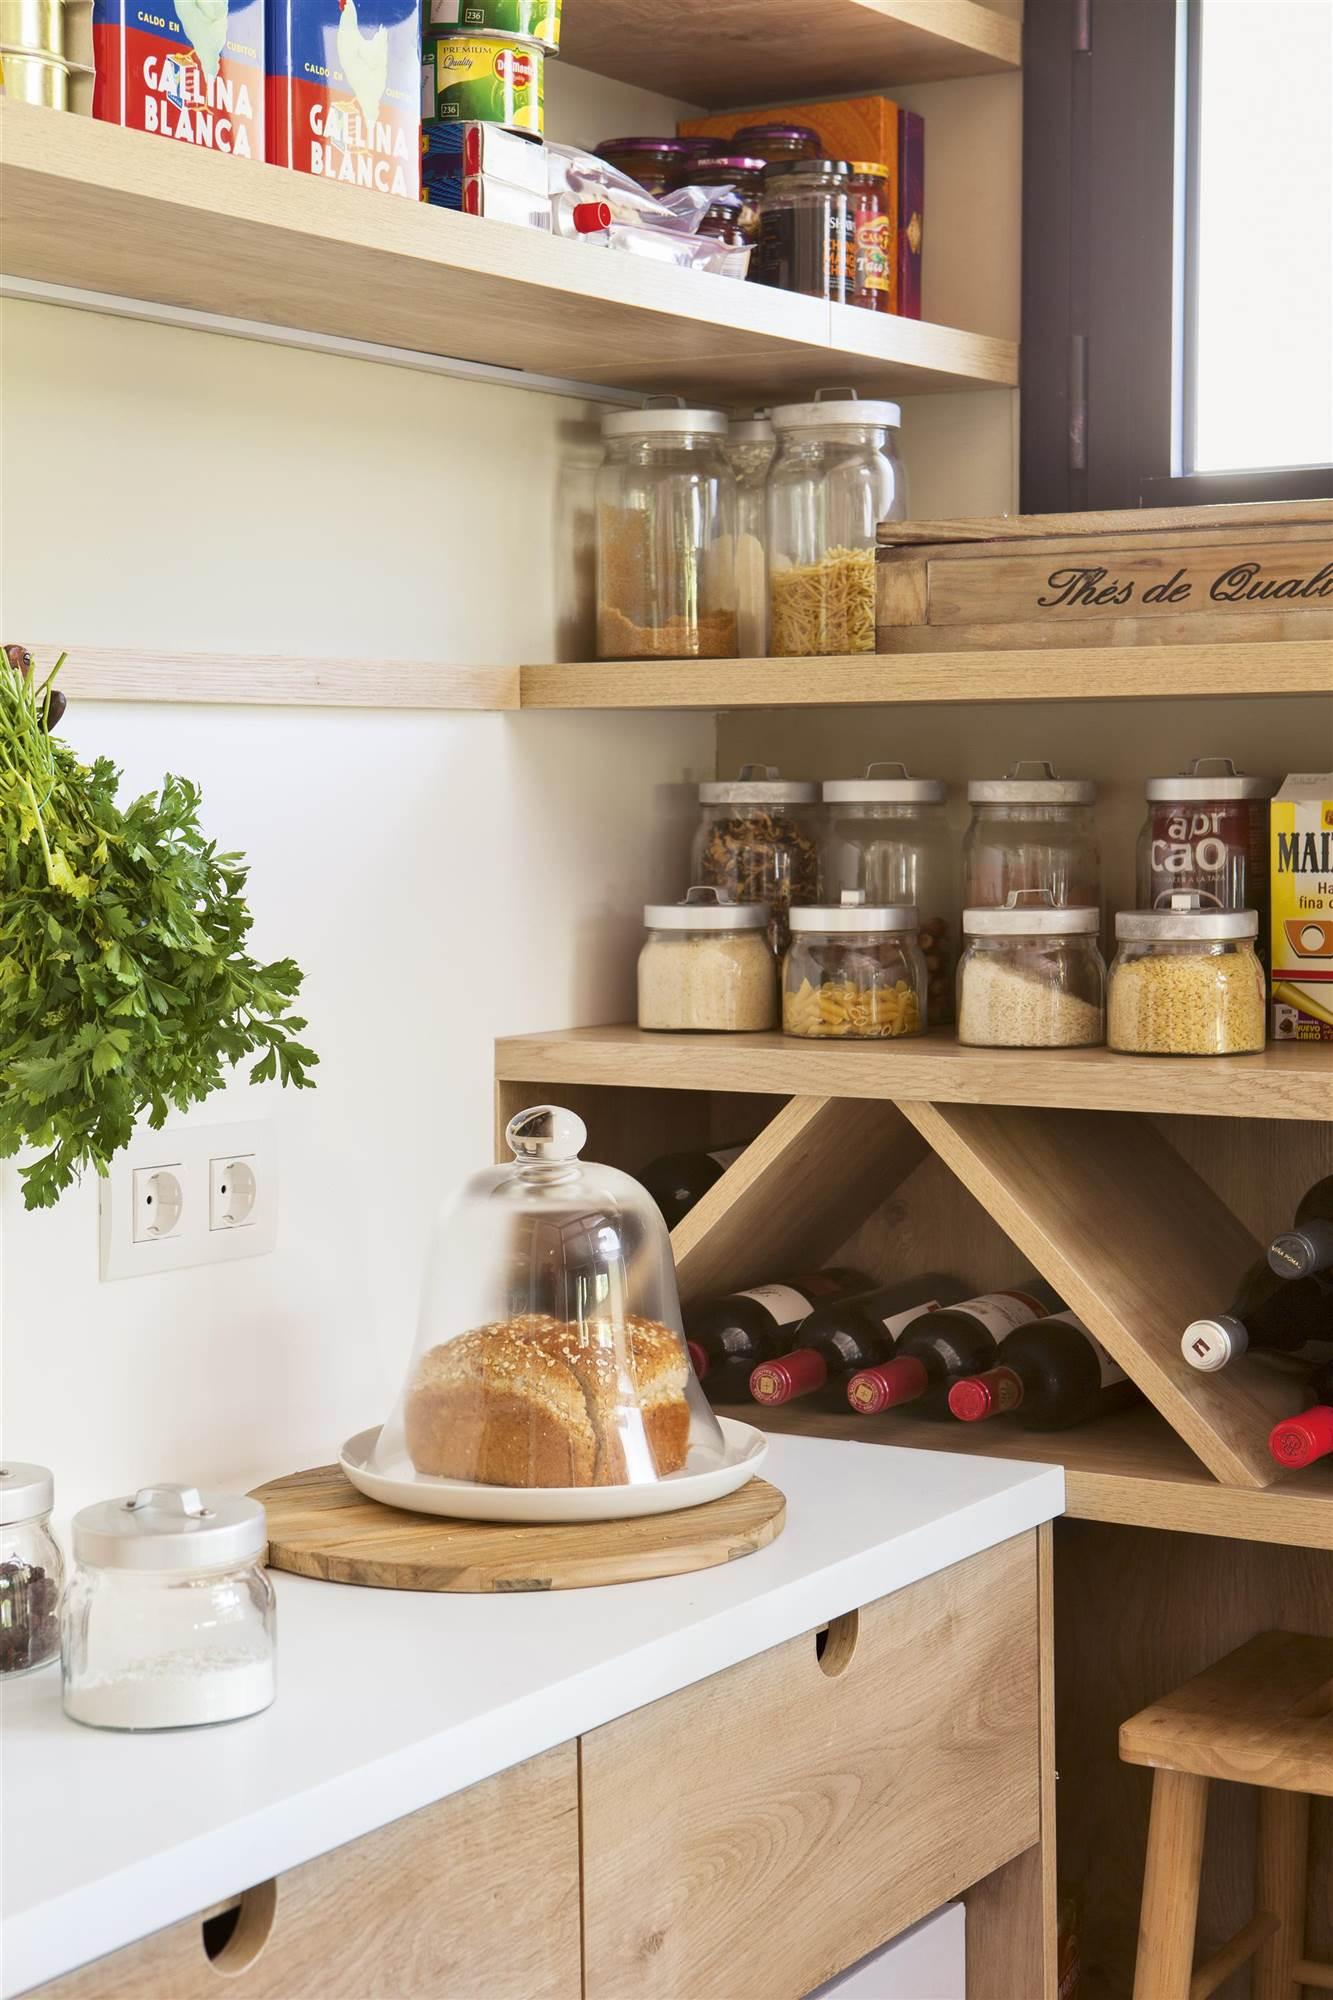 Utiliza las estanter as para presumir de objetos decorativos - Estanterias para botellas ...